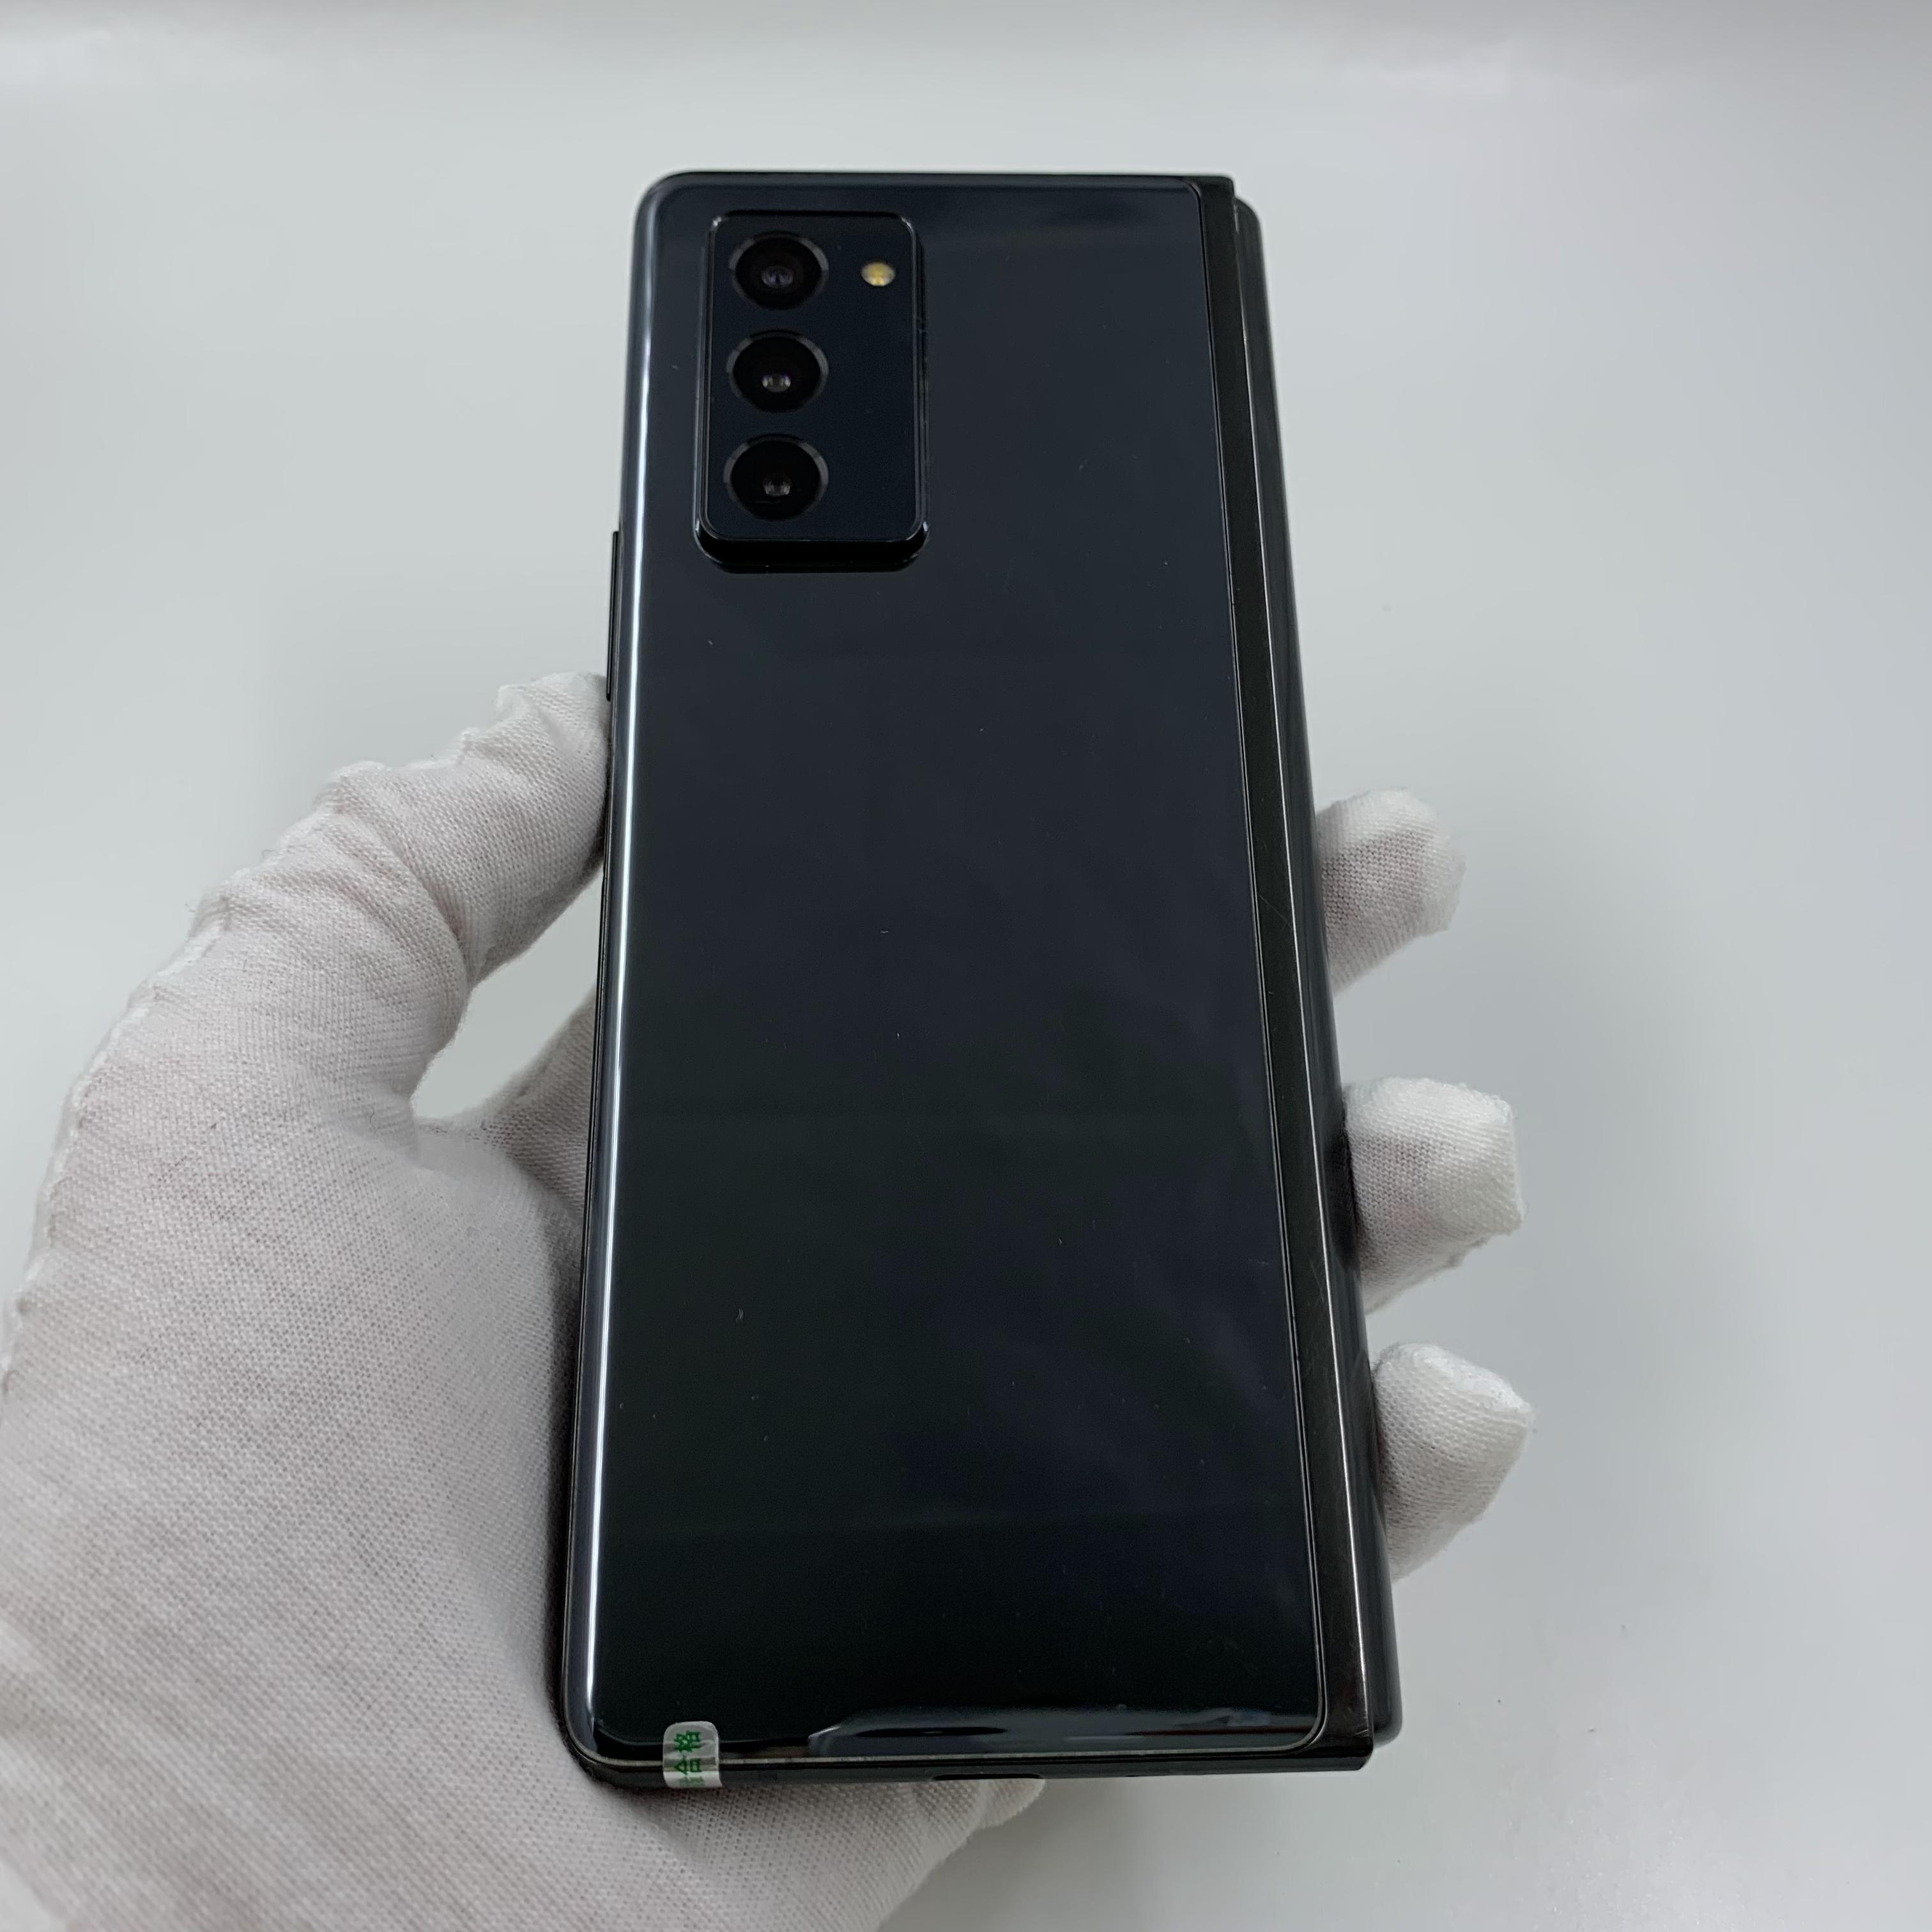 三星【Galaxy Z Fold2 5G】5G全网通 松烟墨 12G/512G 国行 8成新 真机实拍